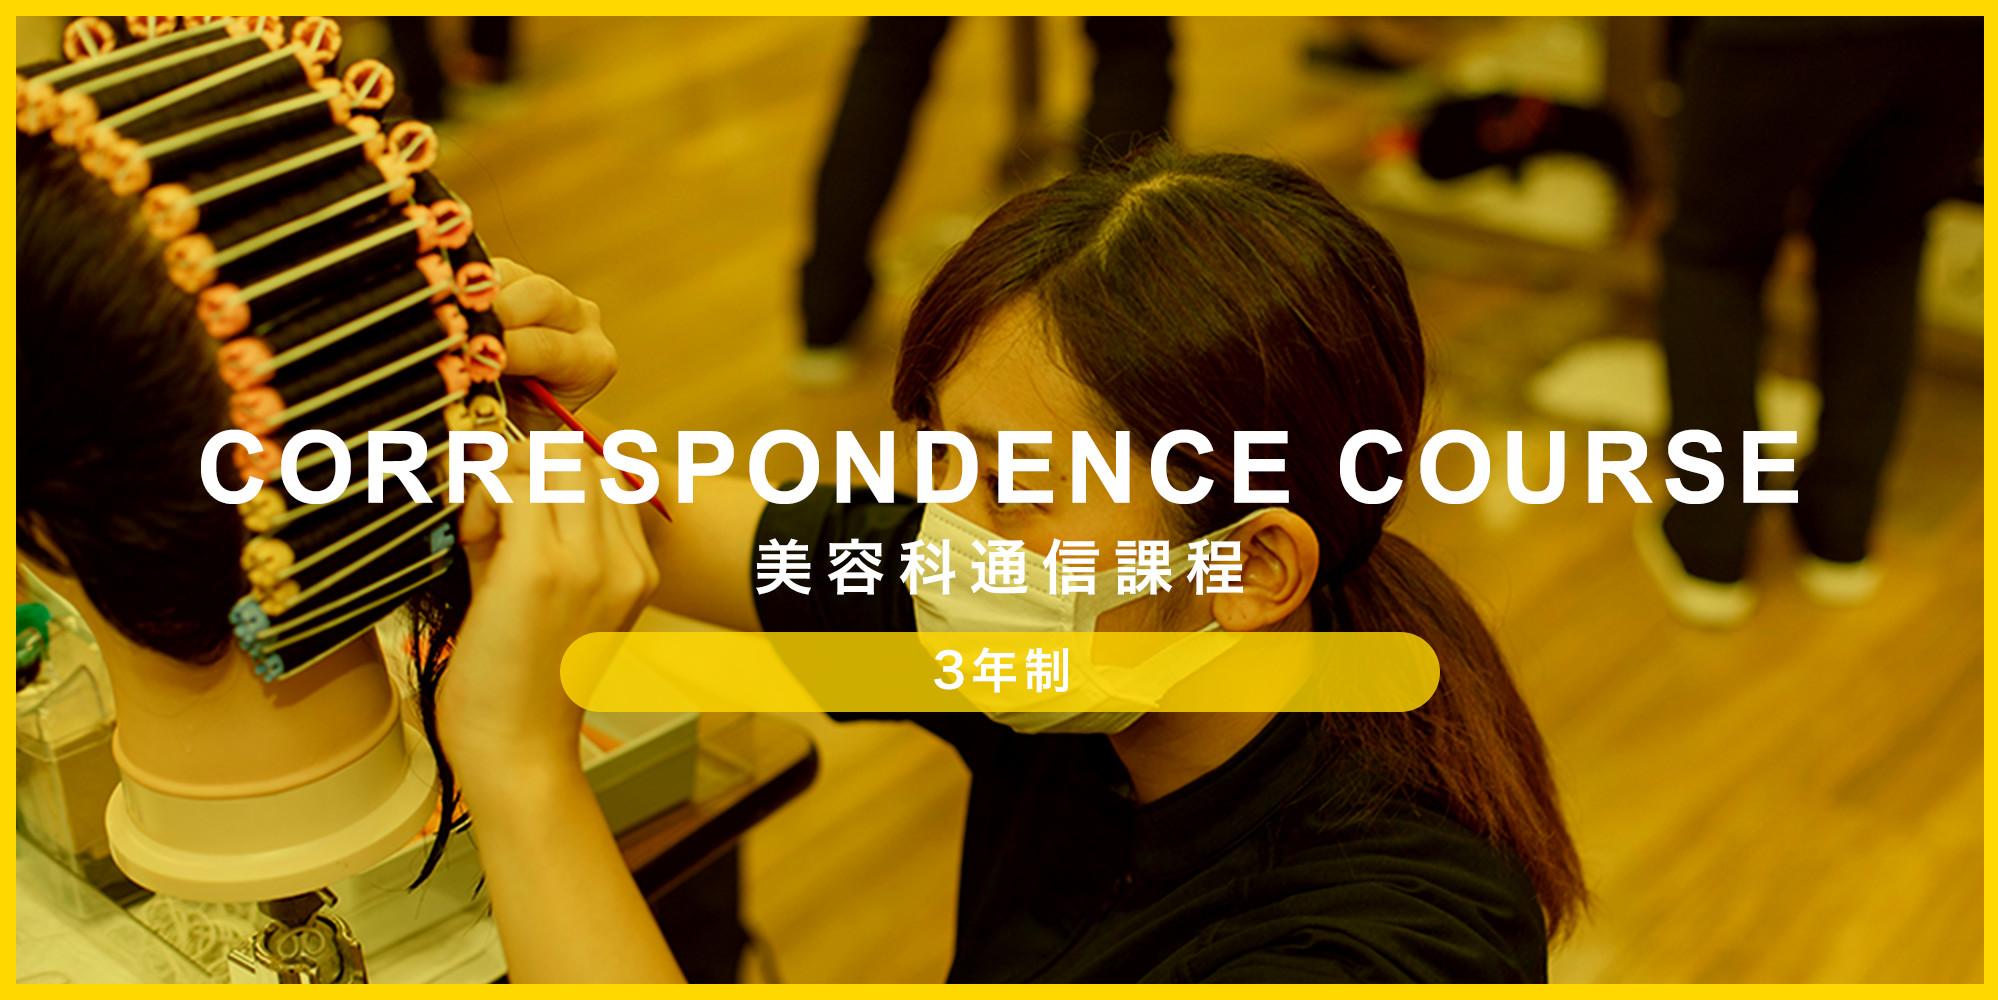 YIC京都ビューティ専門学校の美容科通信課程